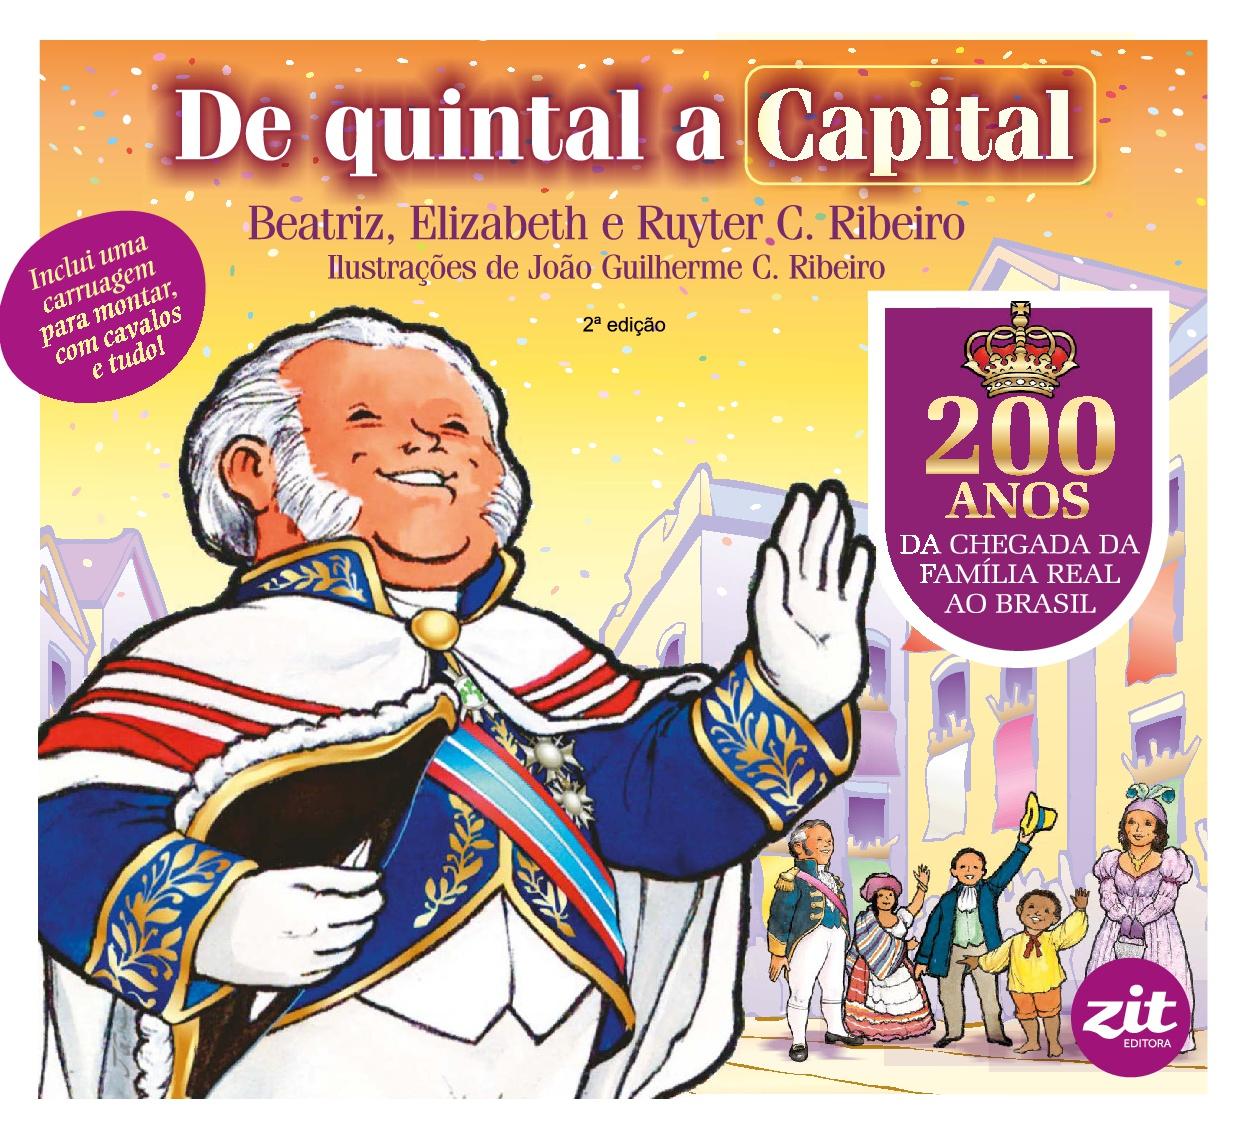 De-quintal-a-Capital_Leiturinha2-001